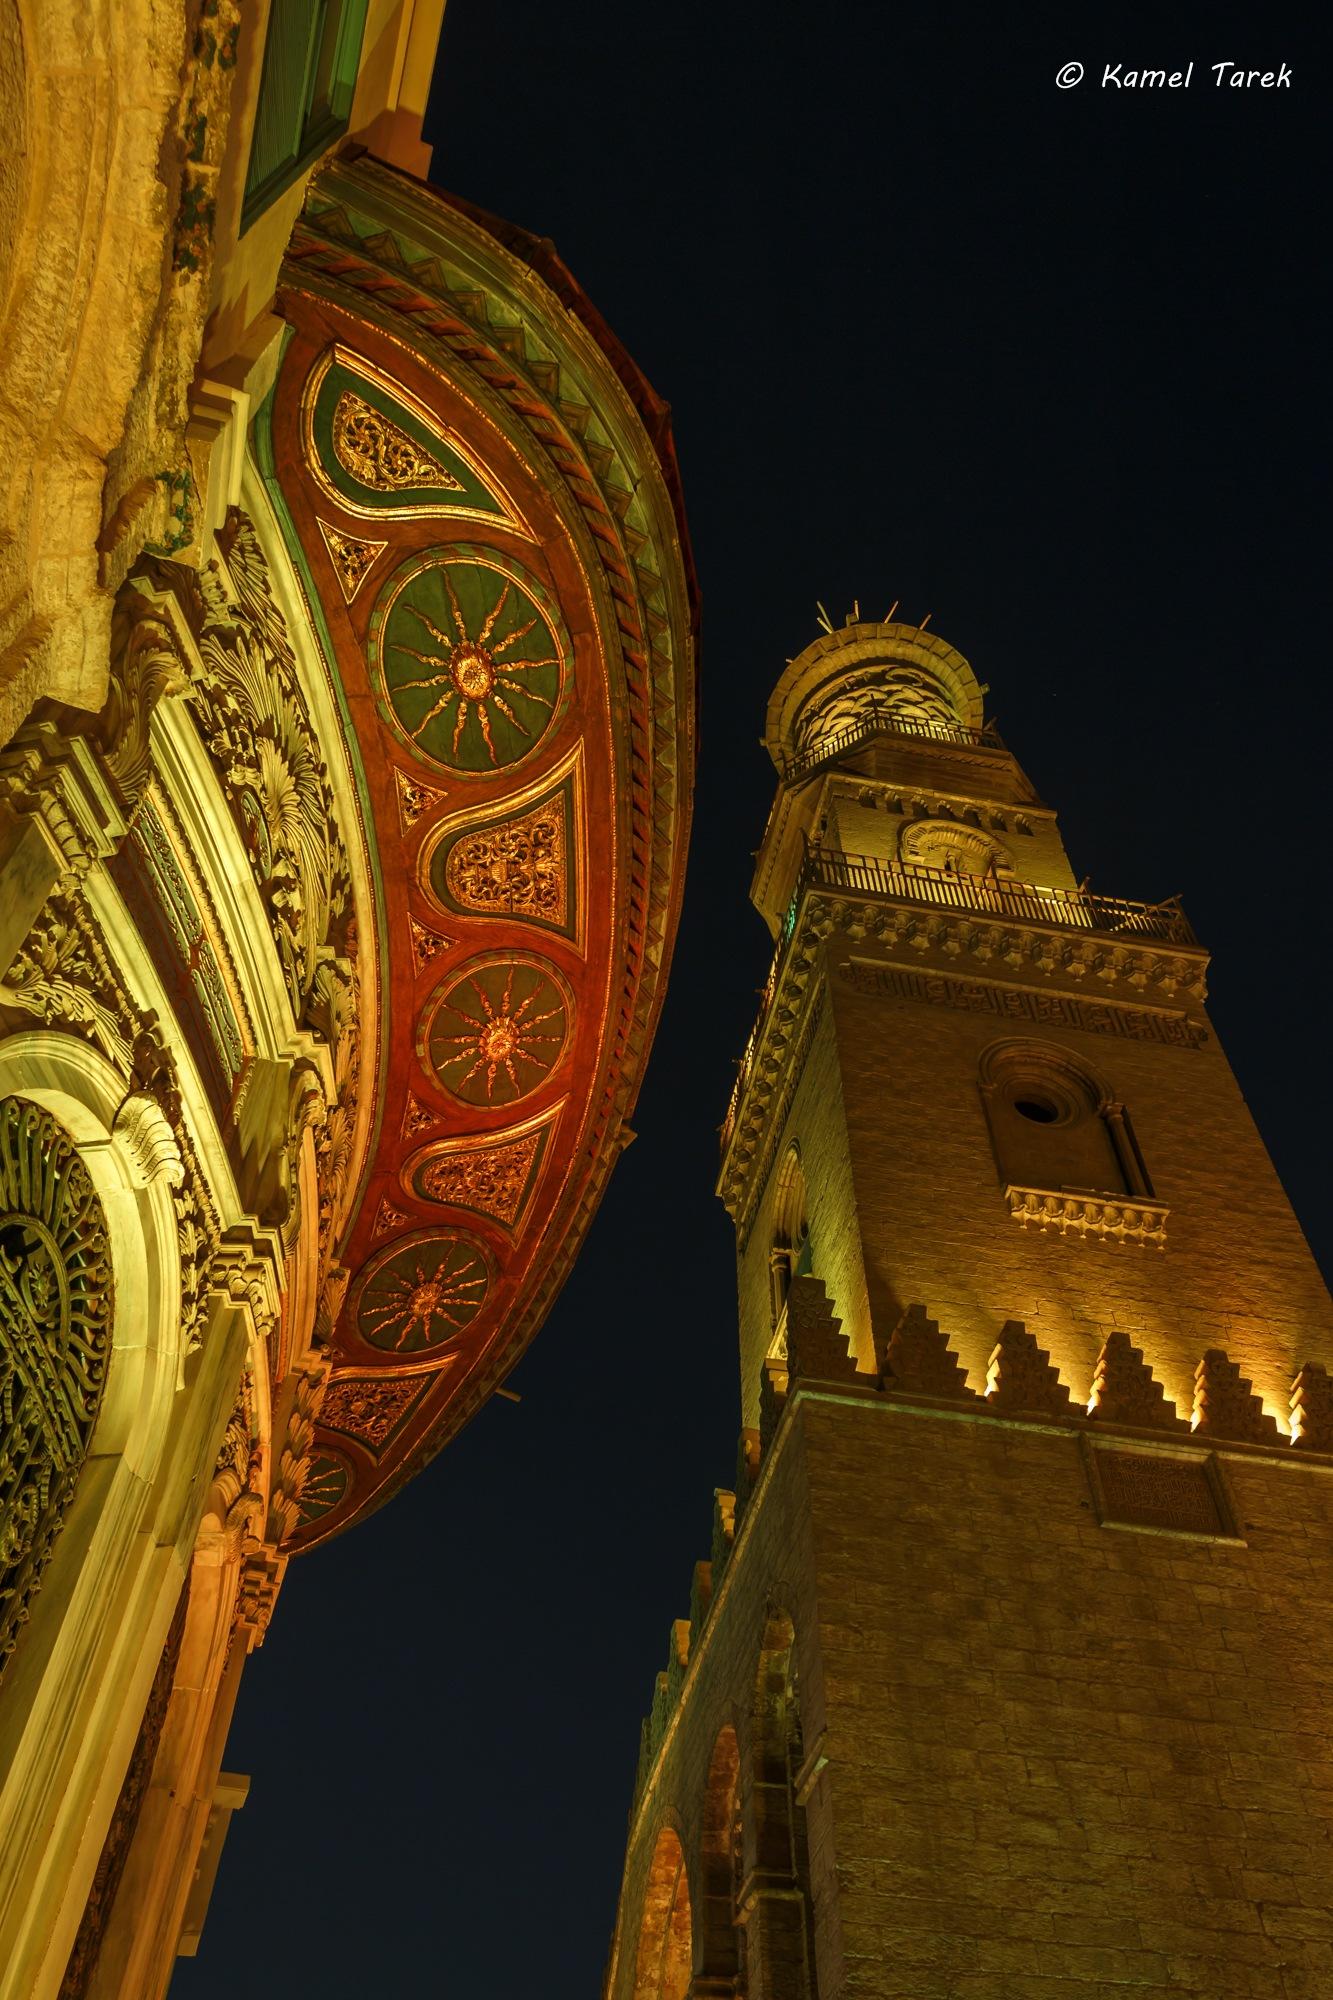 شارع المعز - القاهرة الفاطمية by Kamel Tarek